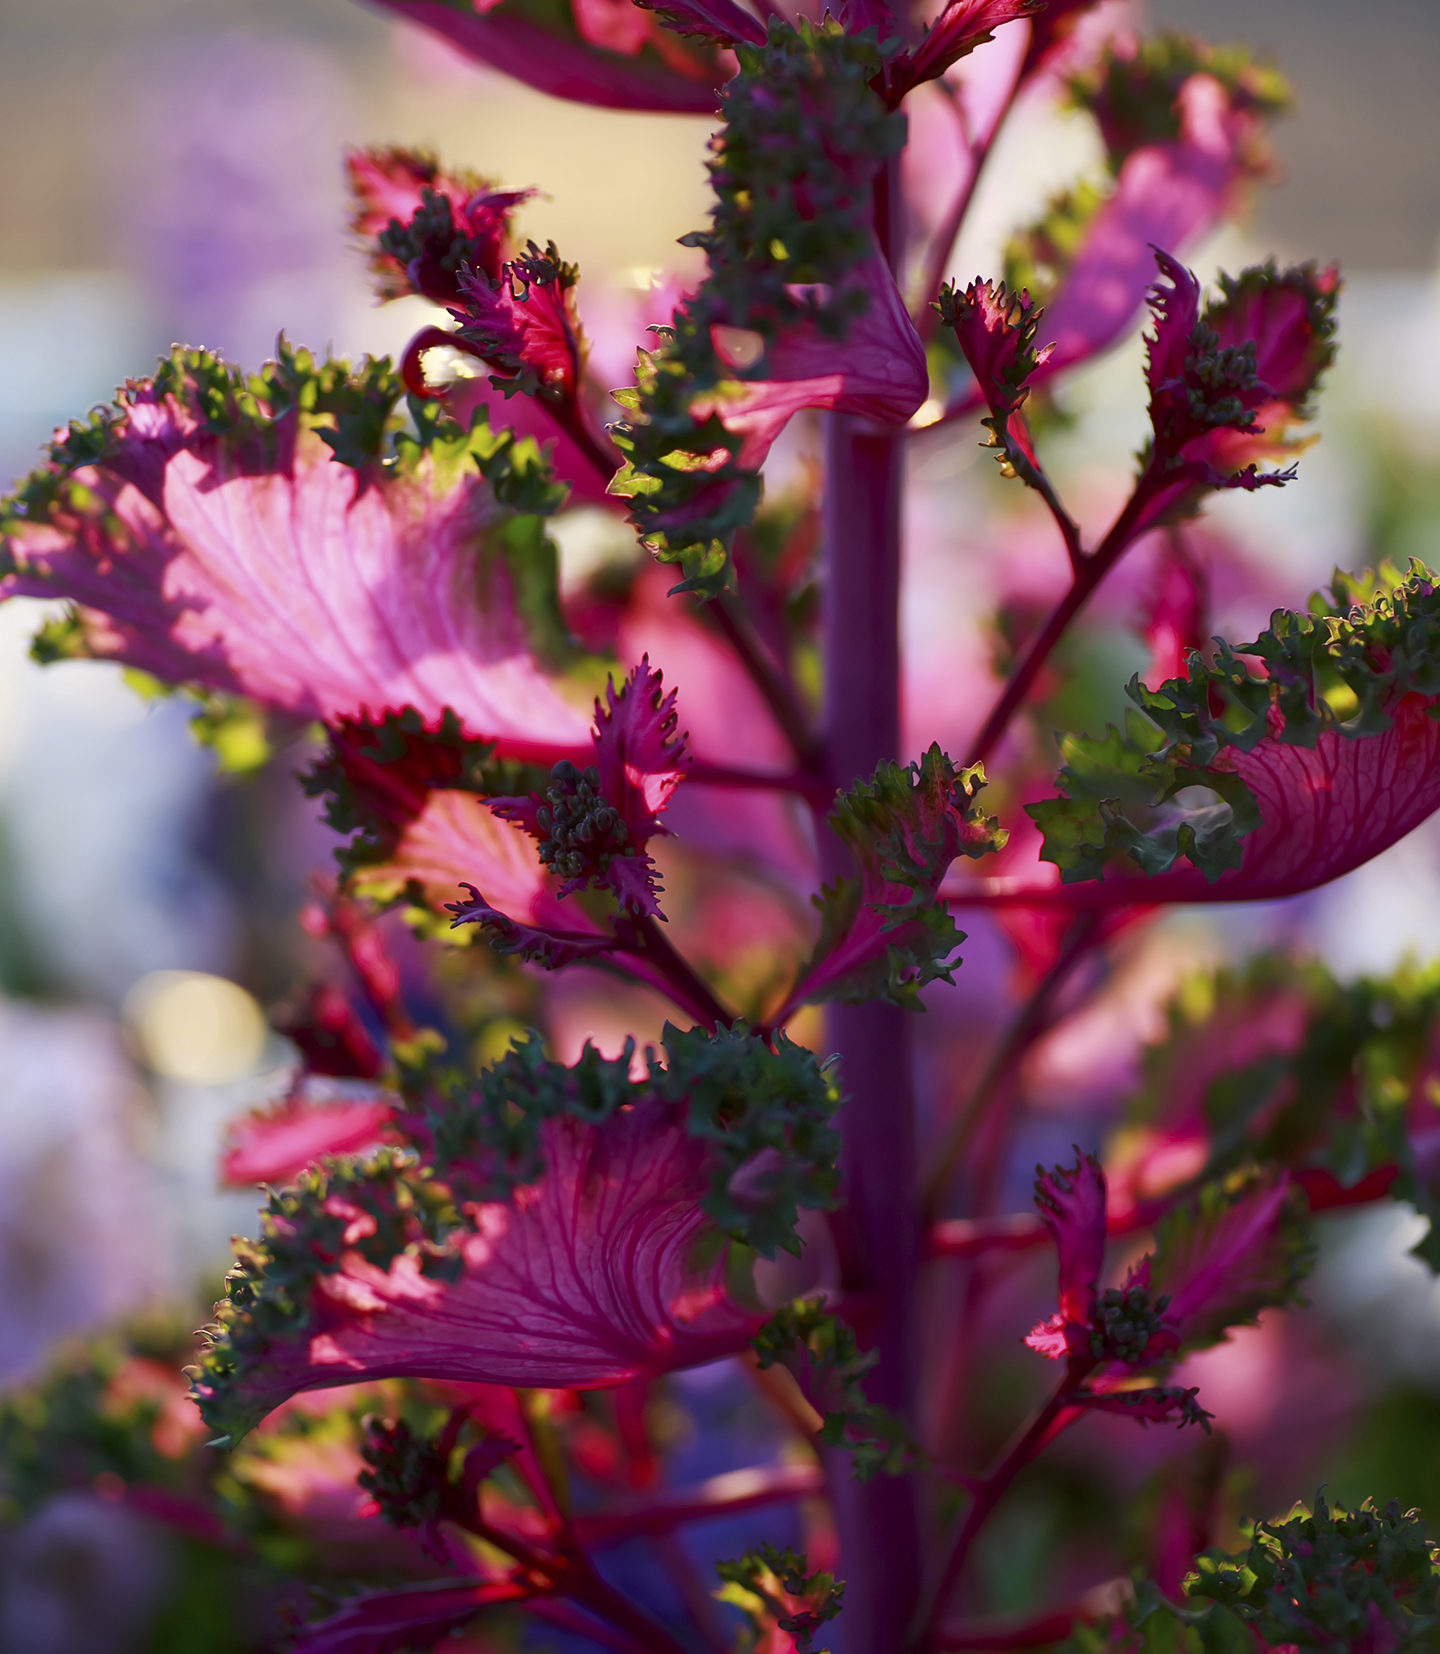 paarse boerenkool bloem